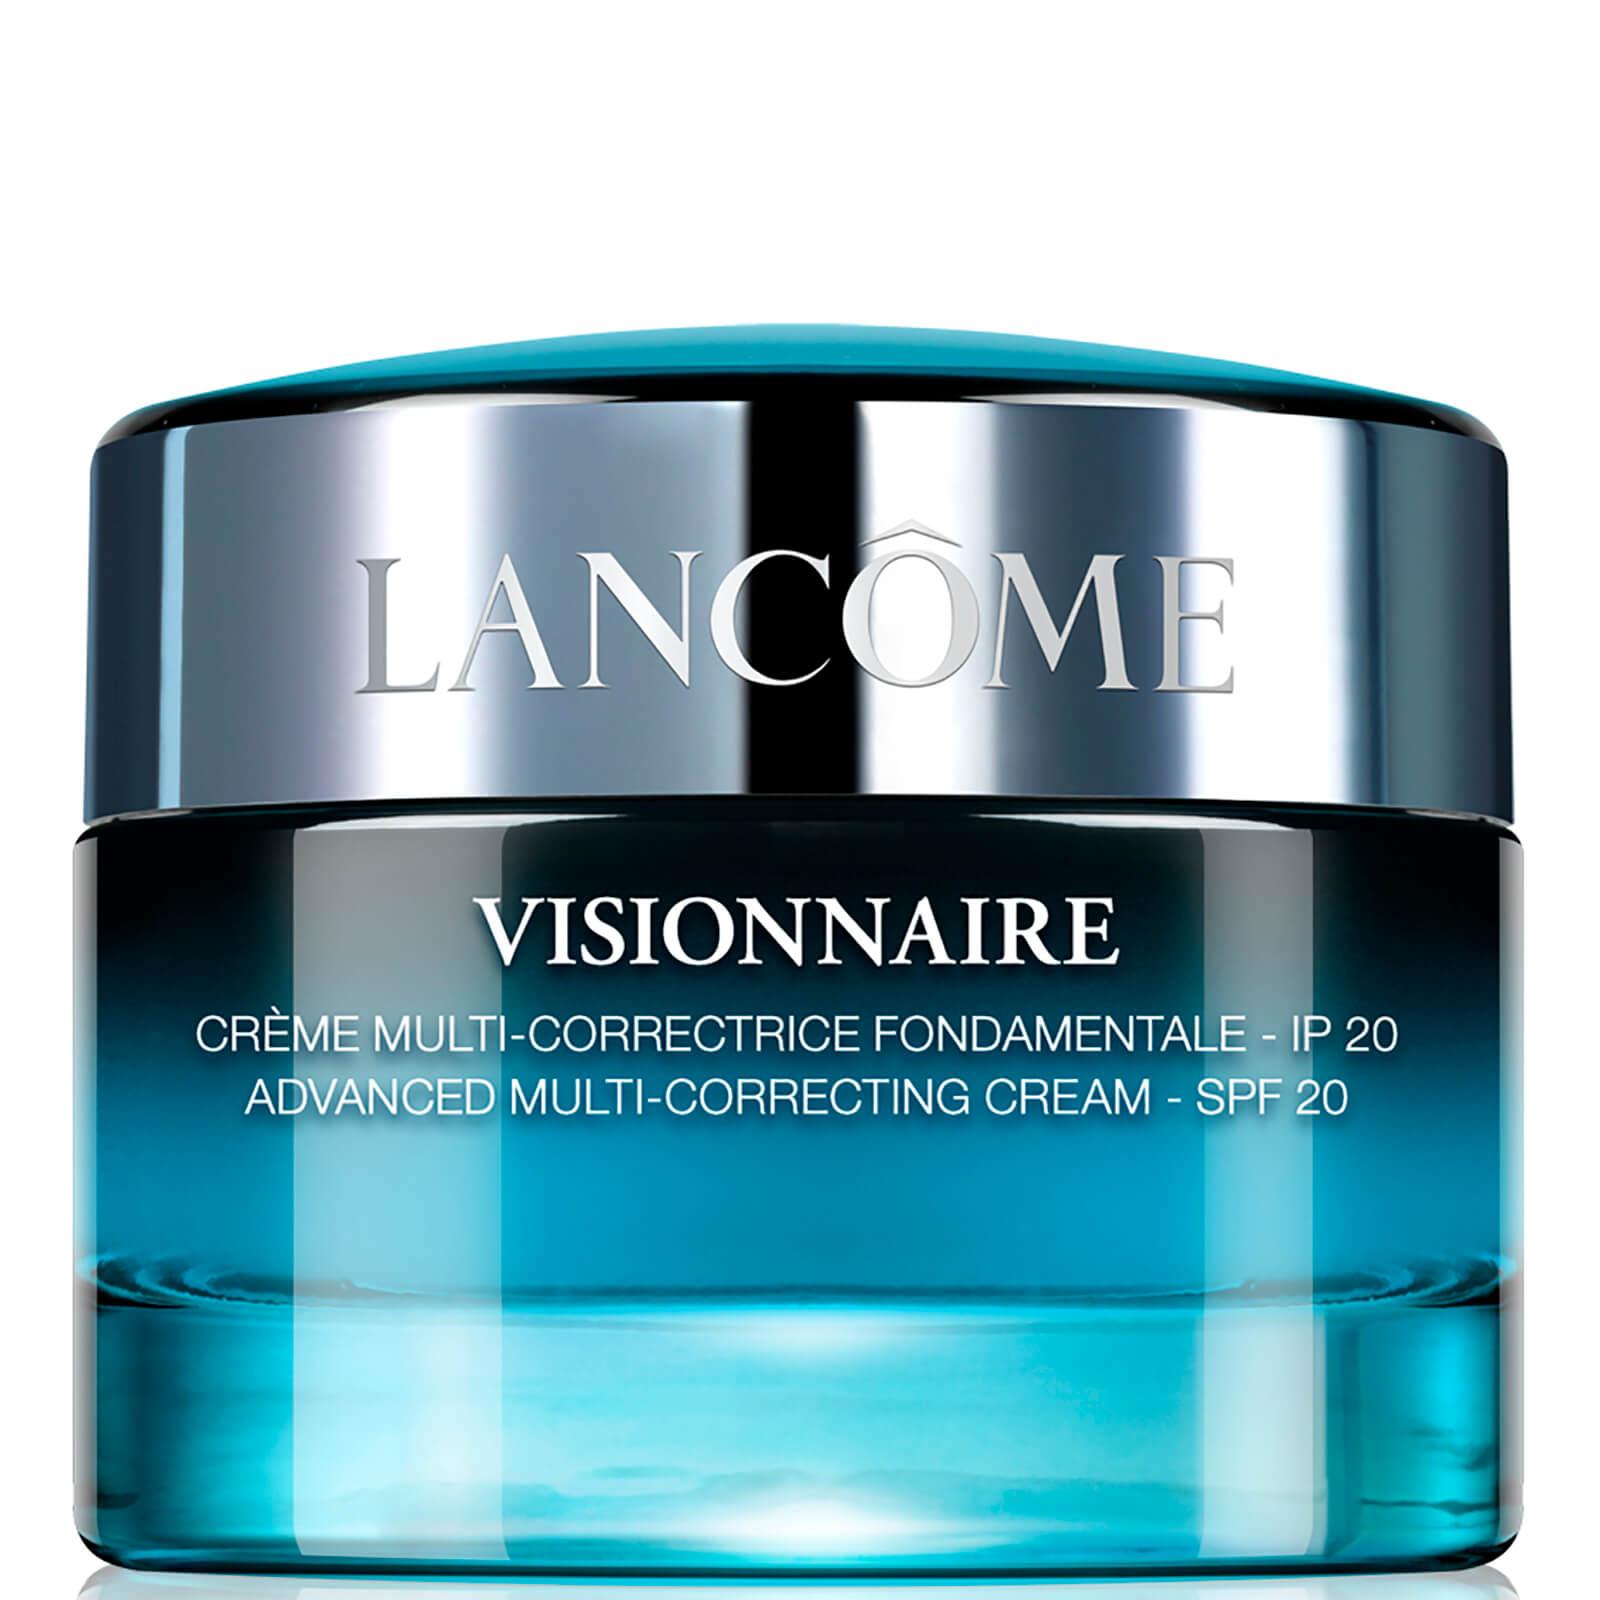 Lancome Visionnaire Advanced crema multi-correttrice SPF 20 50 ml